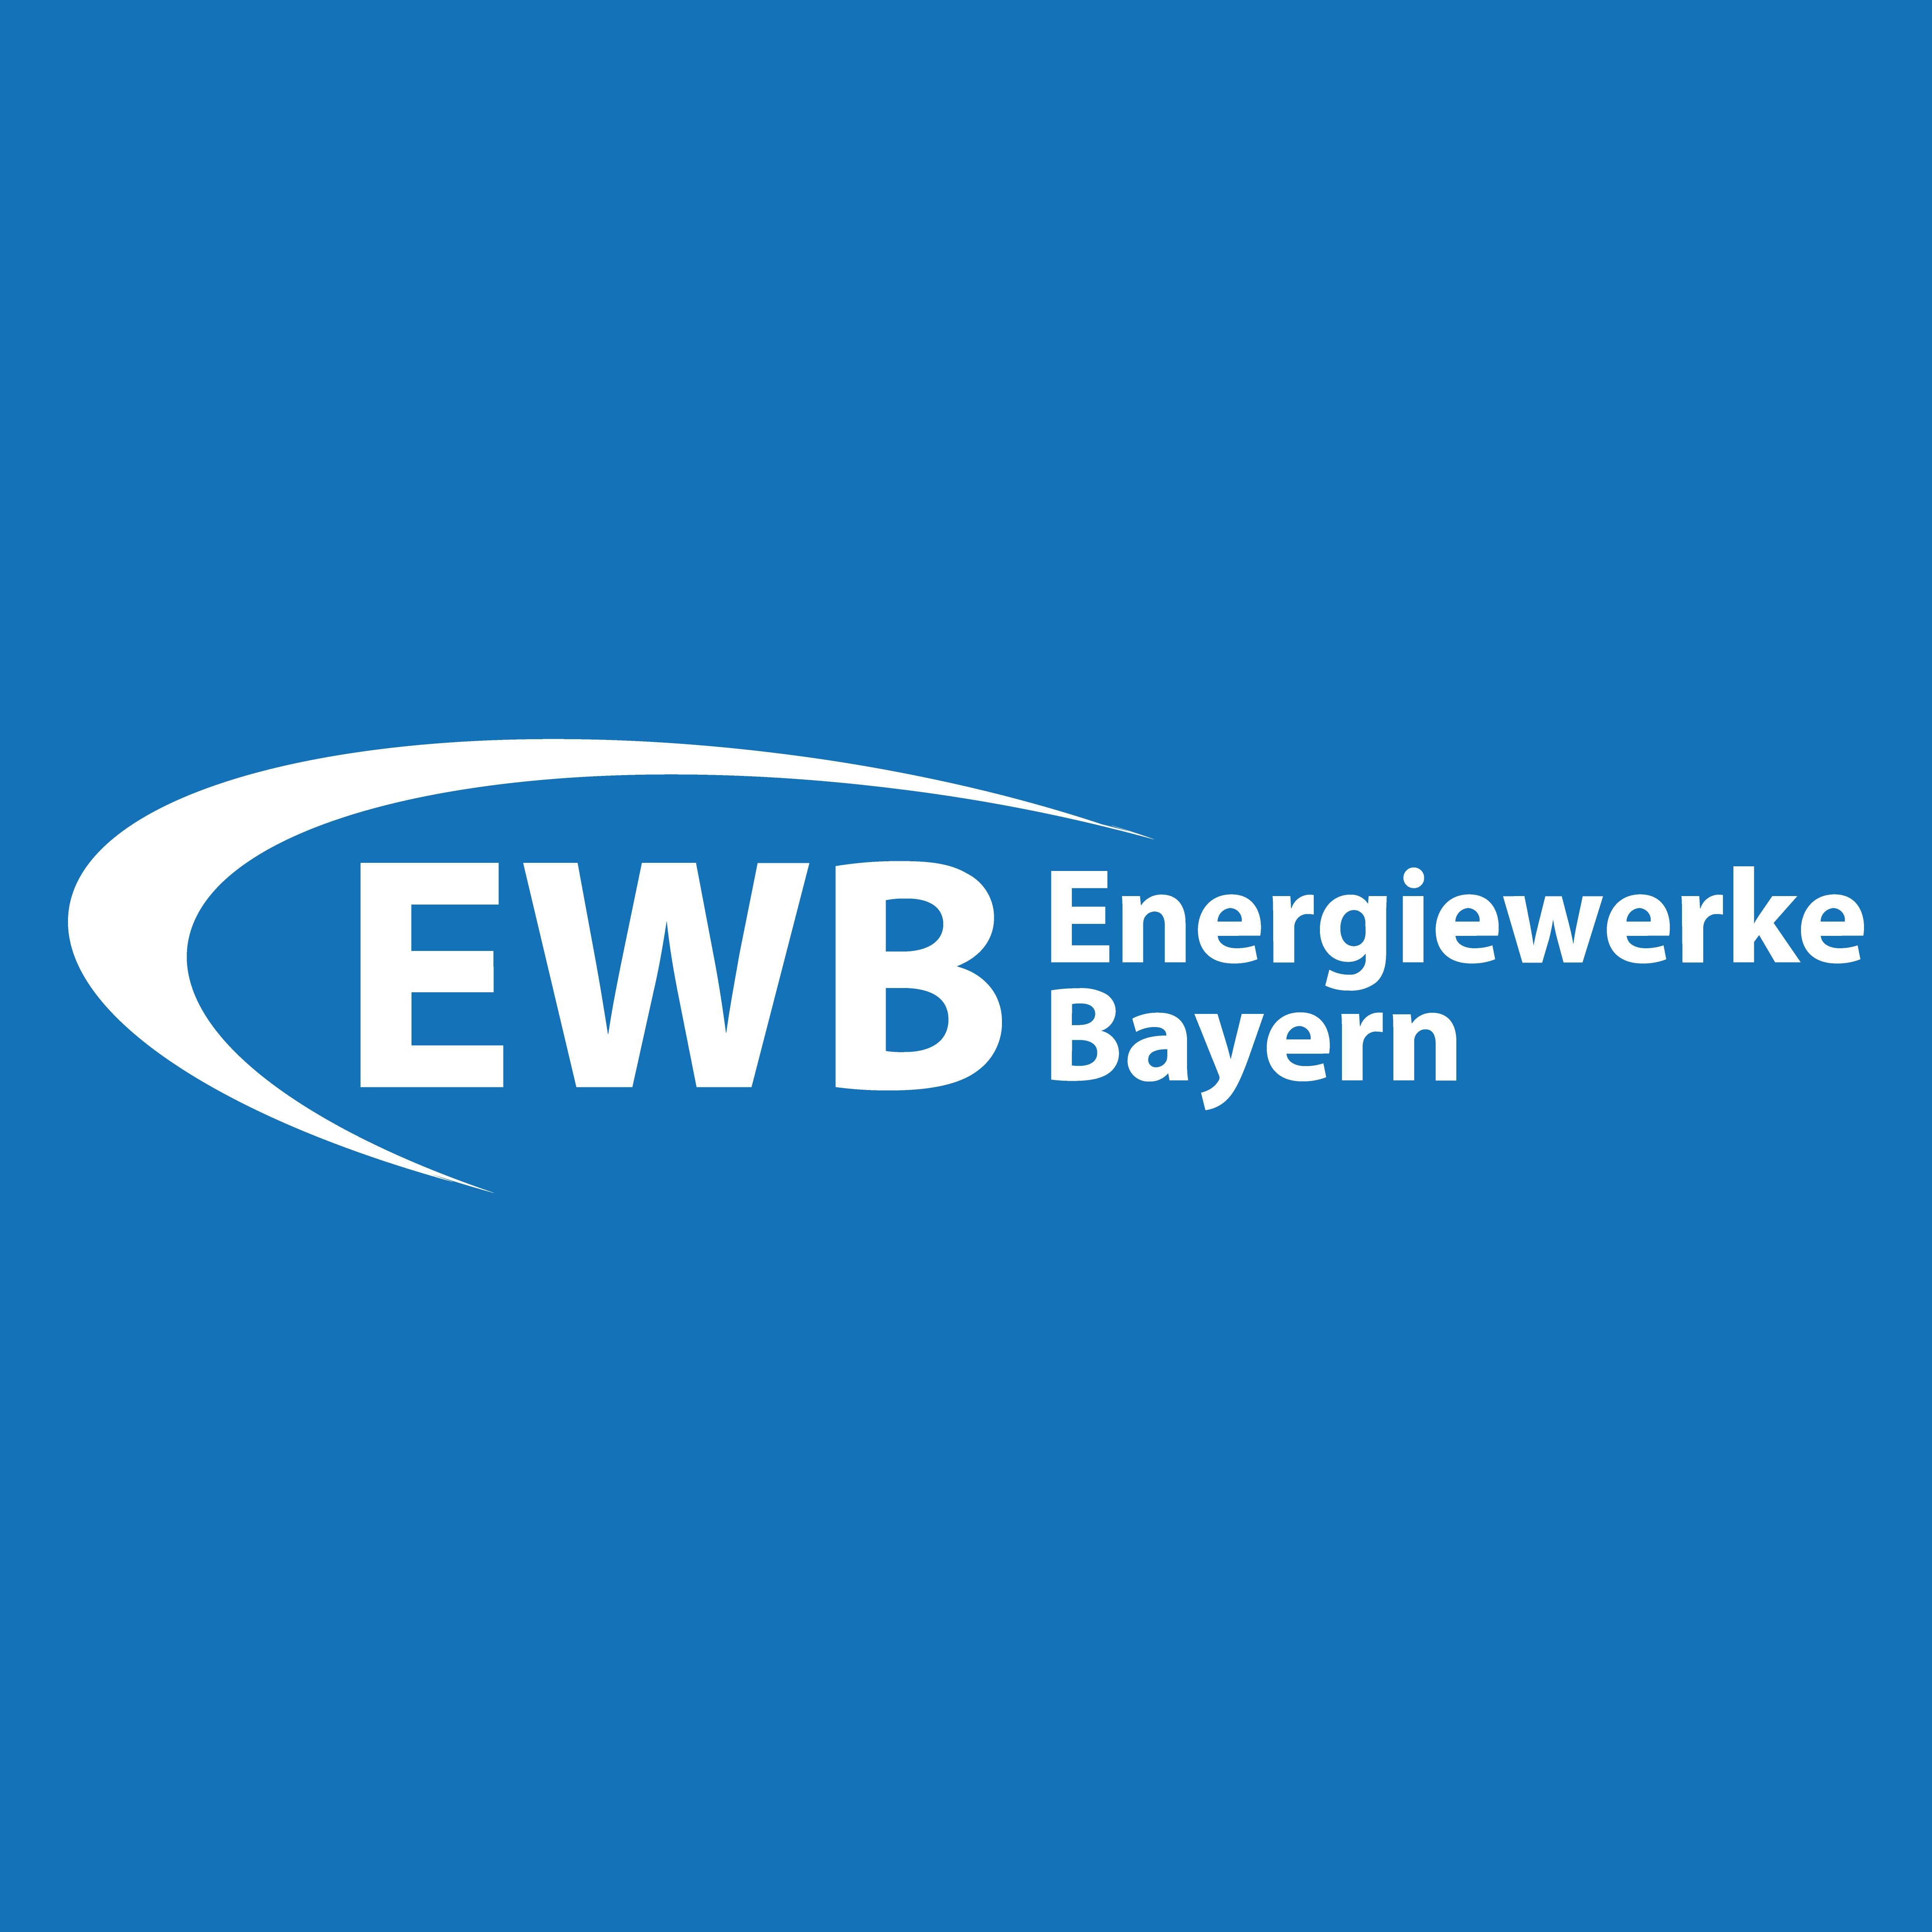 ewb-bayern-scf-beitrag